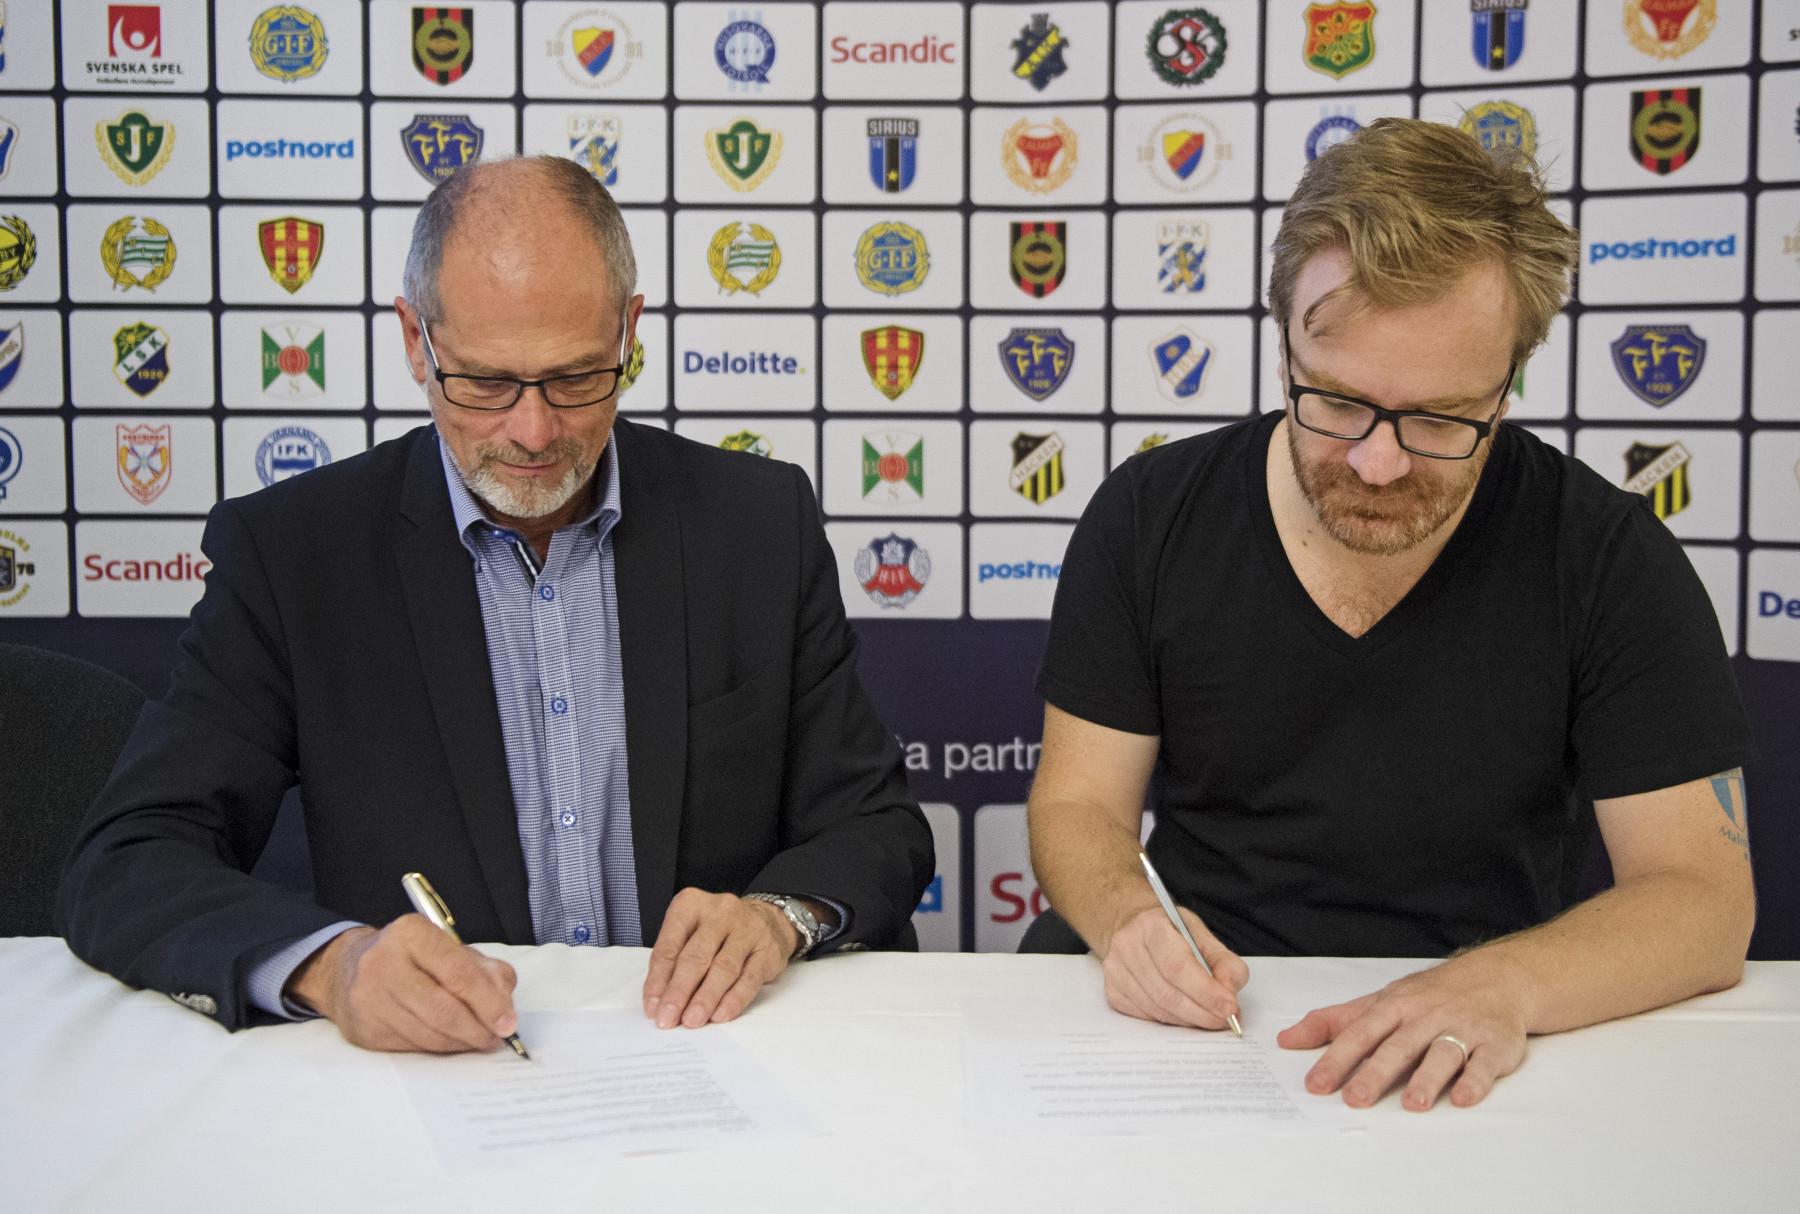 Fotboll, Svensk Elitfotboll, Uppfšrandekod